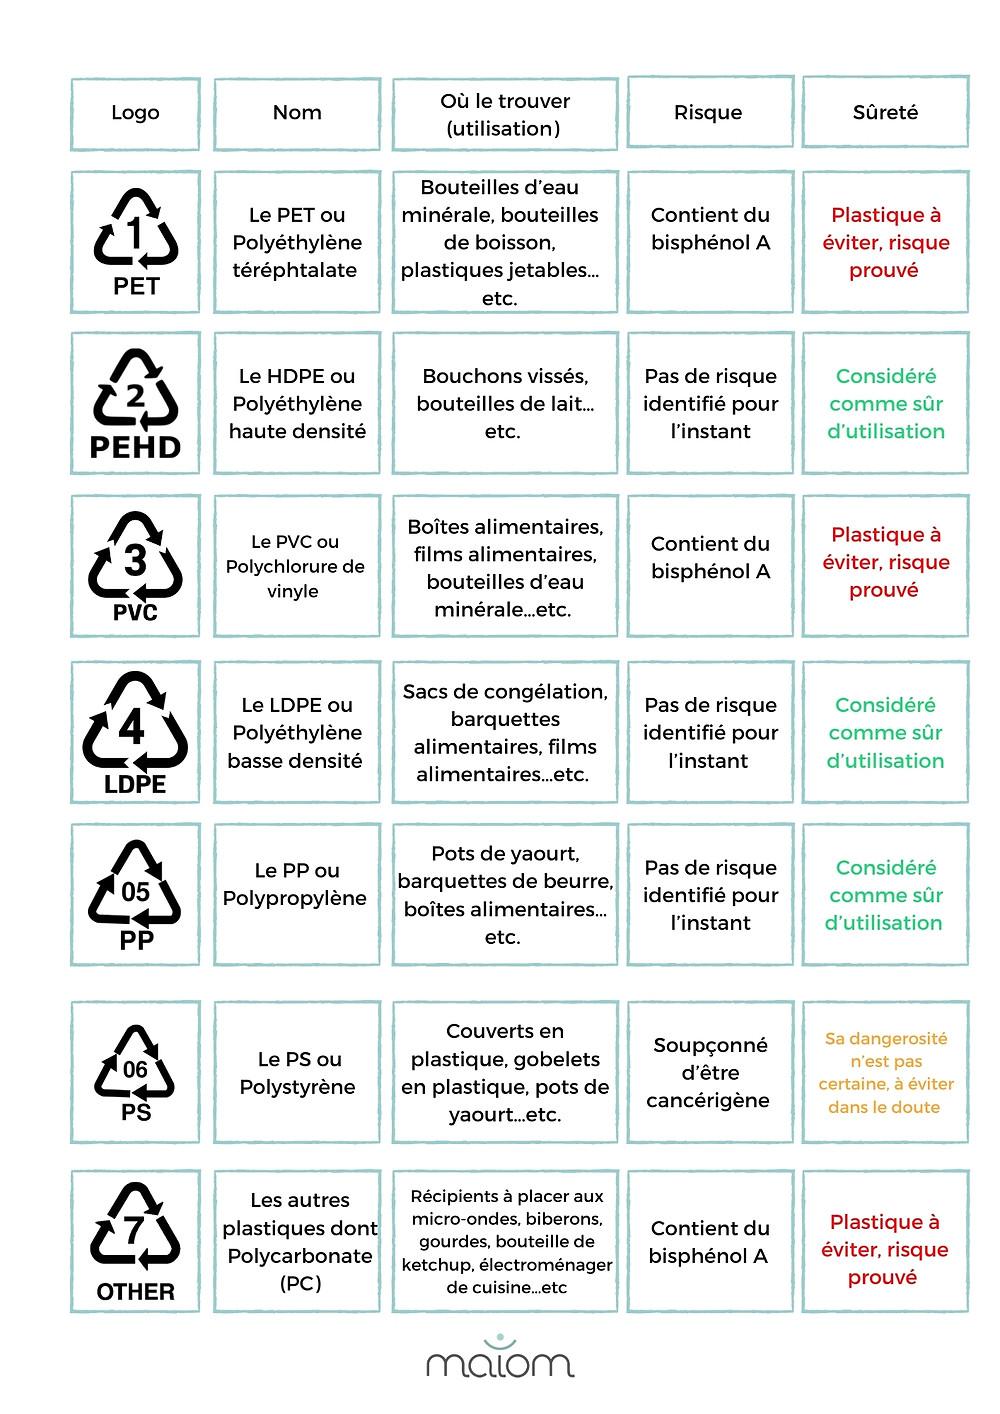 Les plastiques risqués pour la santé et ceux plus sûrs : PVC, PET, LDPE risque santé